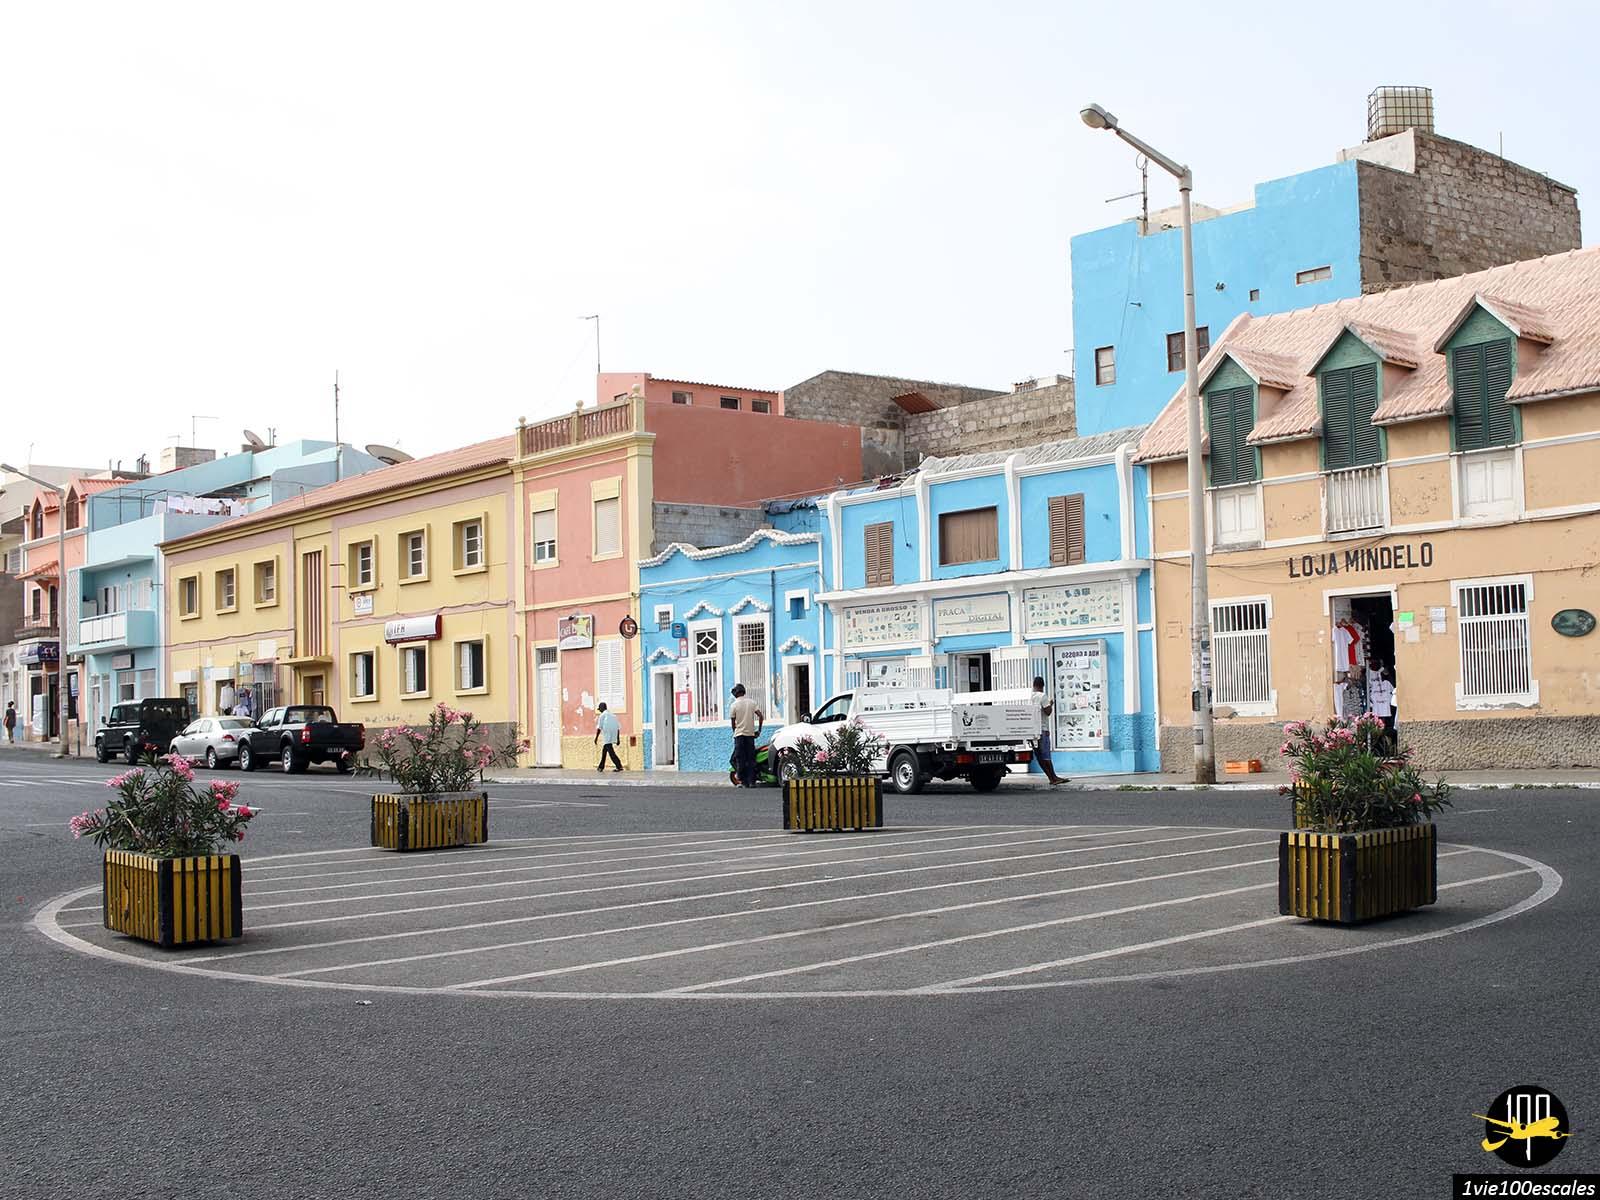 Le village colorée de Mindelo sur l'île de Sao Vicente au Cap-Vert